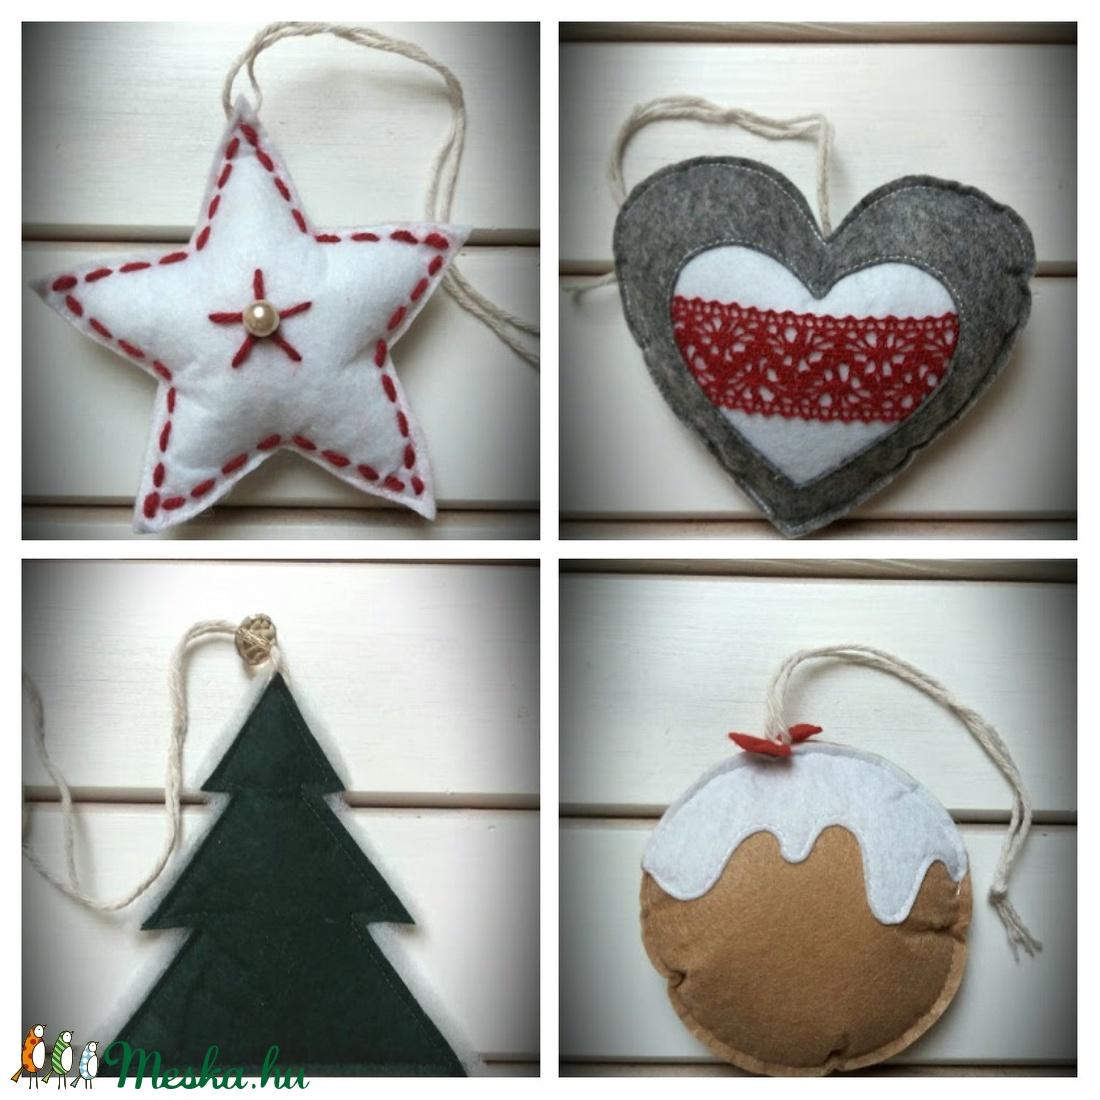 Filc csillag,szív,fenyőfa,süti karácsonyi díszek szettben (Noemi8501) - Meska.hu